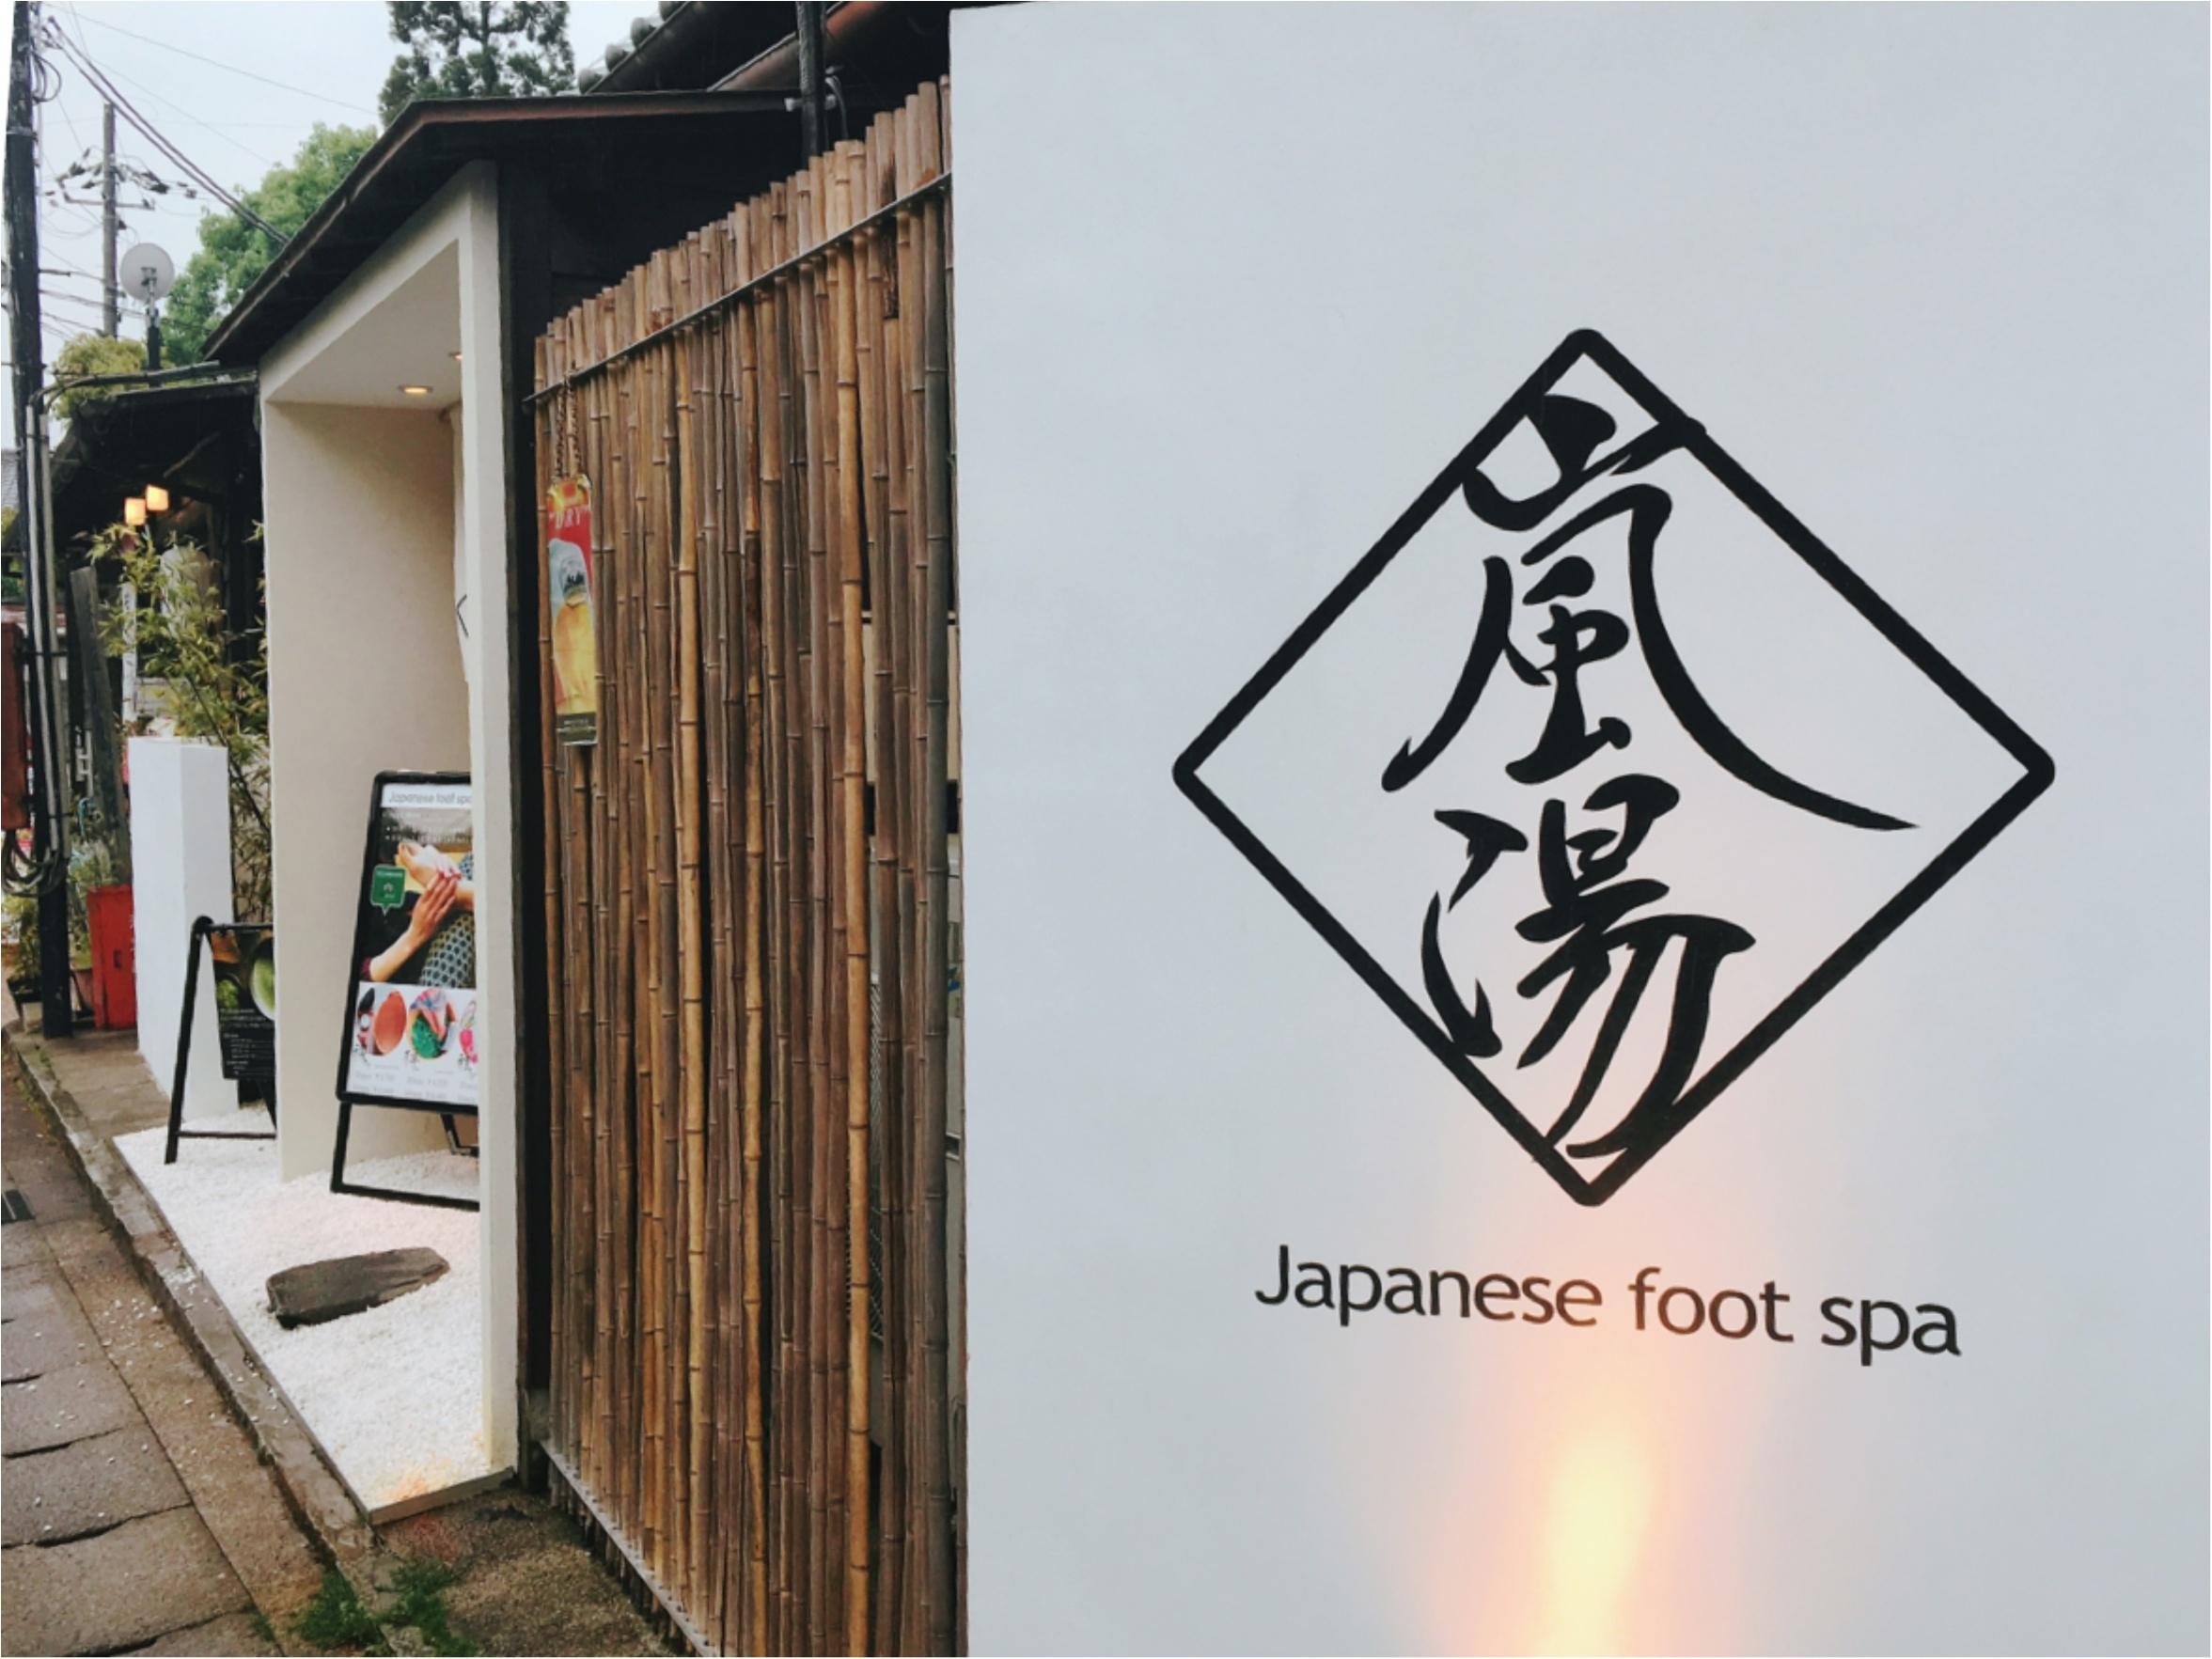 京都・嵐山のNEWスポット!カラフルでかわいい『お花の足湯』に癒されて_1